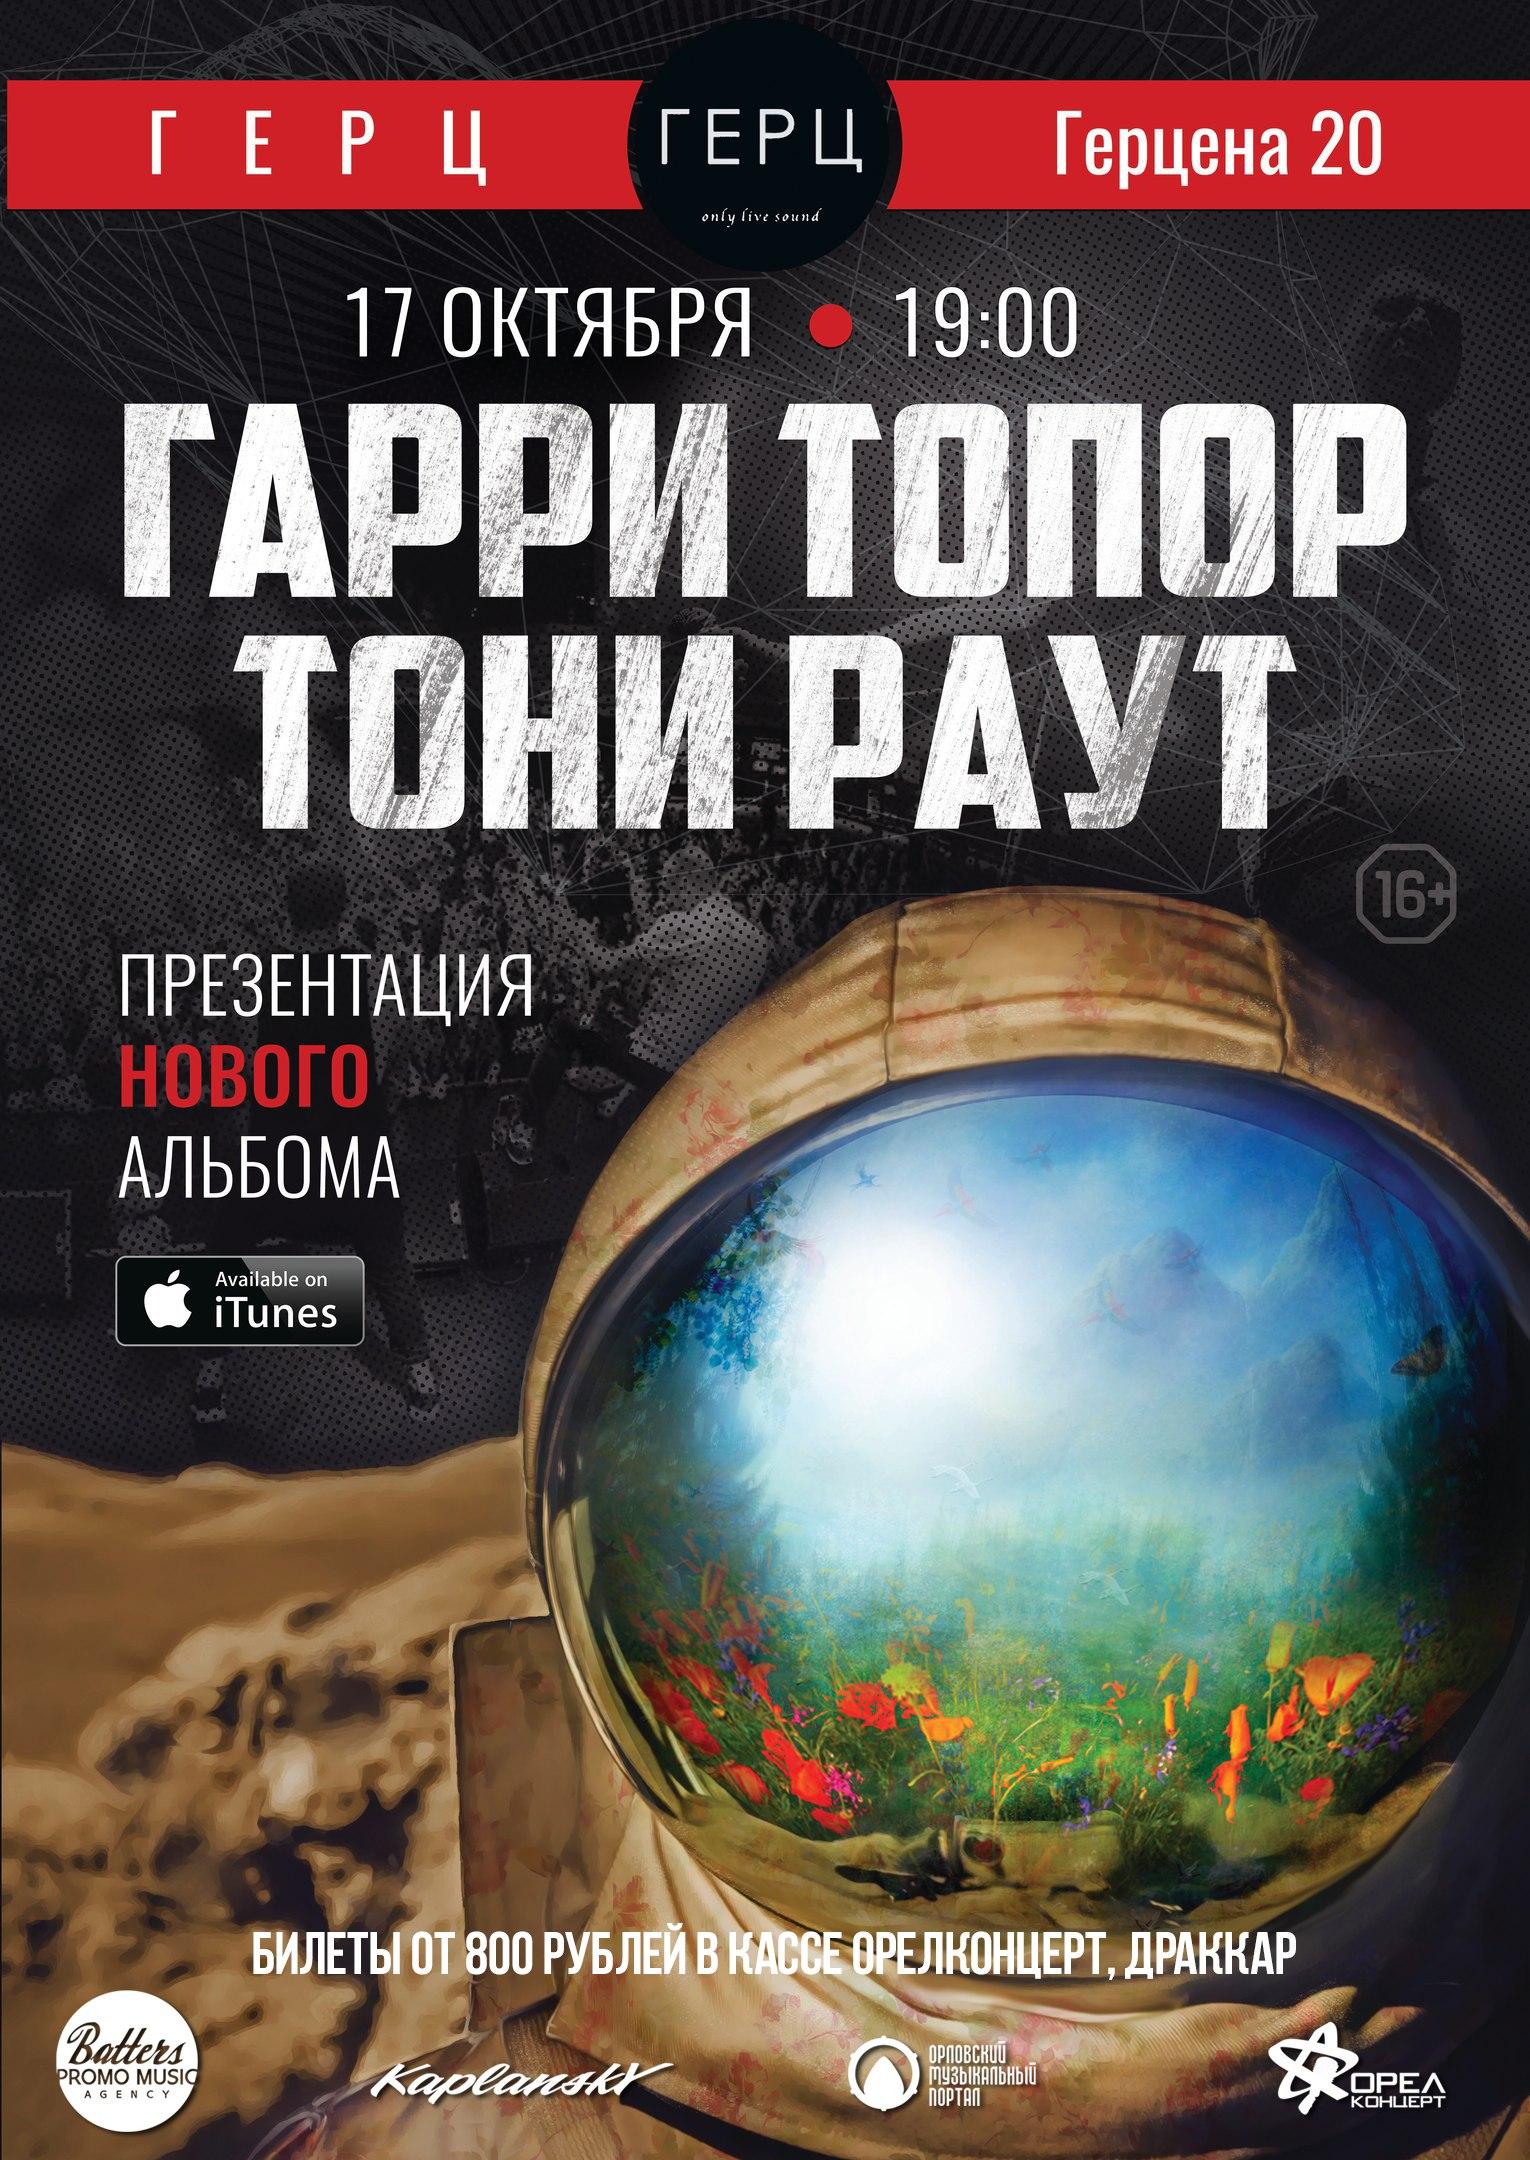 Тони Раут и Гарри Топор «Человек в ежовых рукавицах»